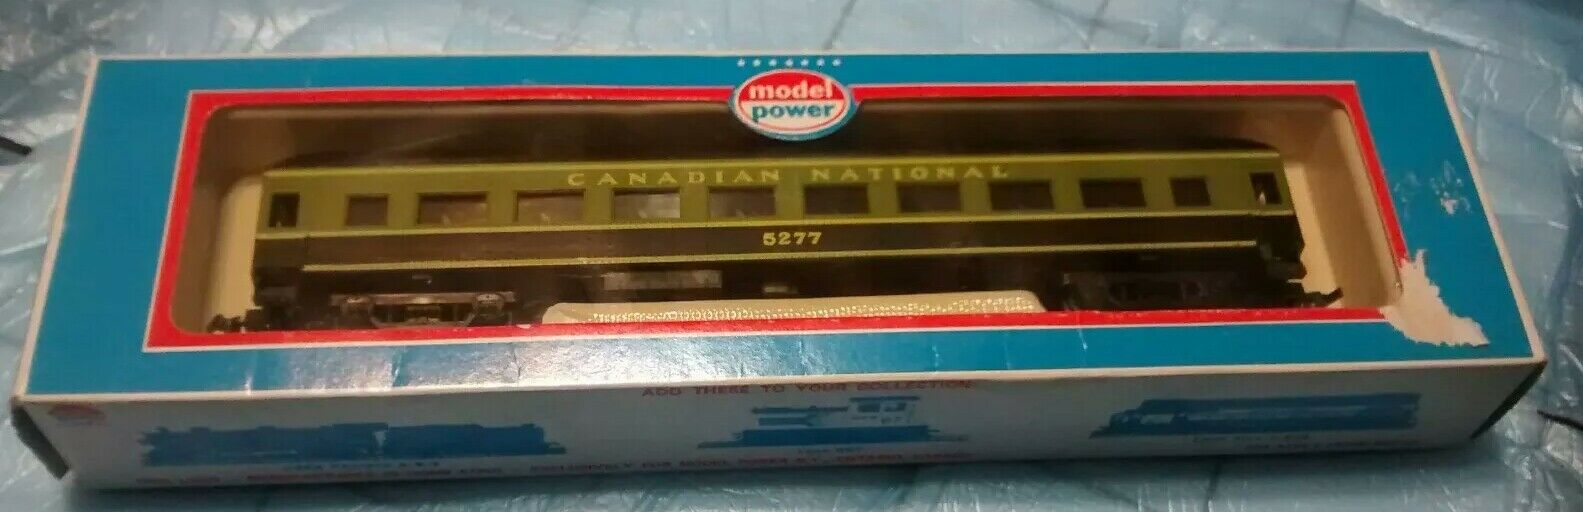 Nuevo En Caja Model Power 9906 67' nacional canadiense Harriman entrenador coche 5277 Escala Ho